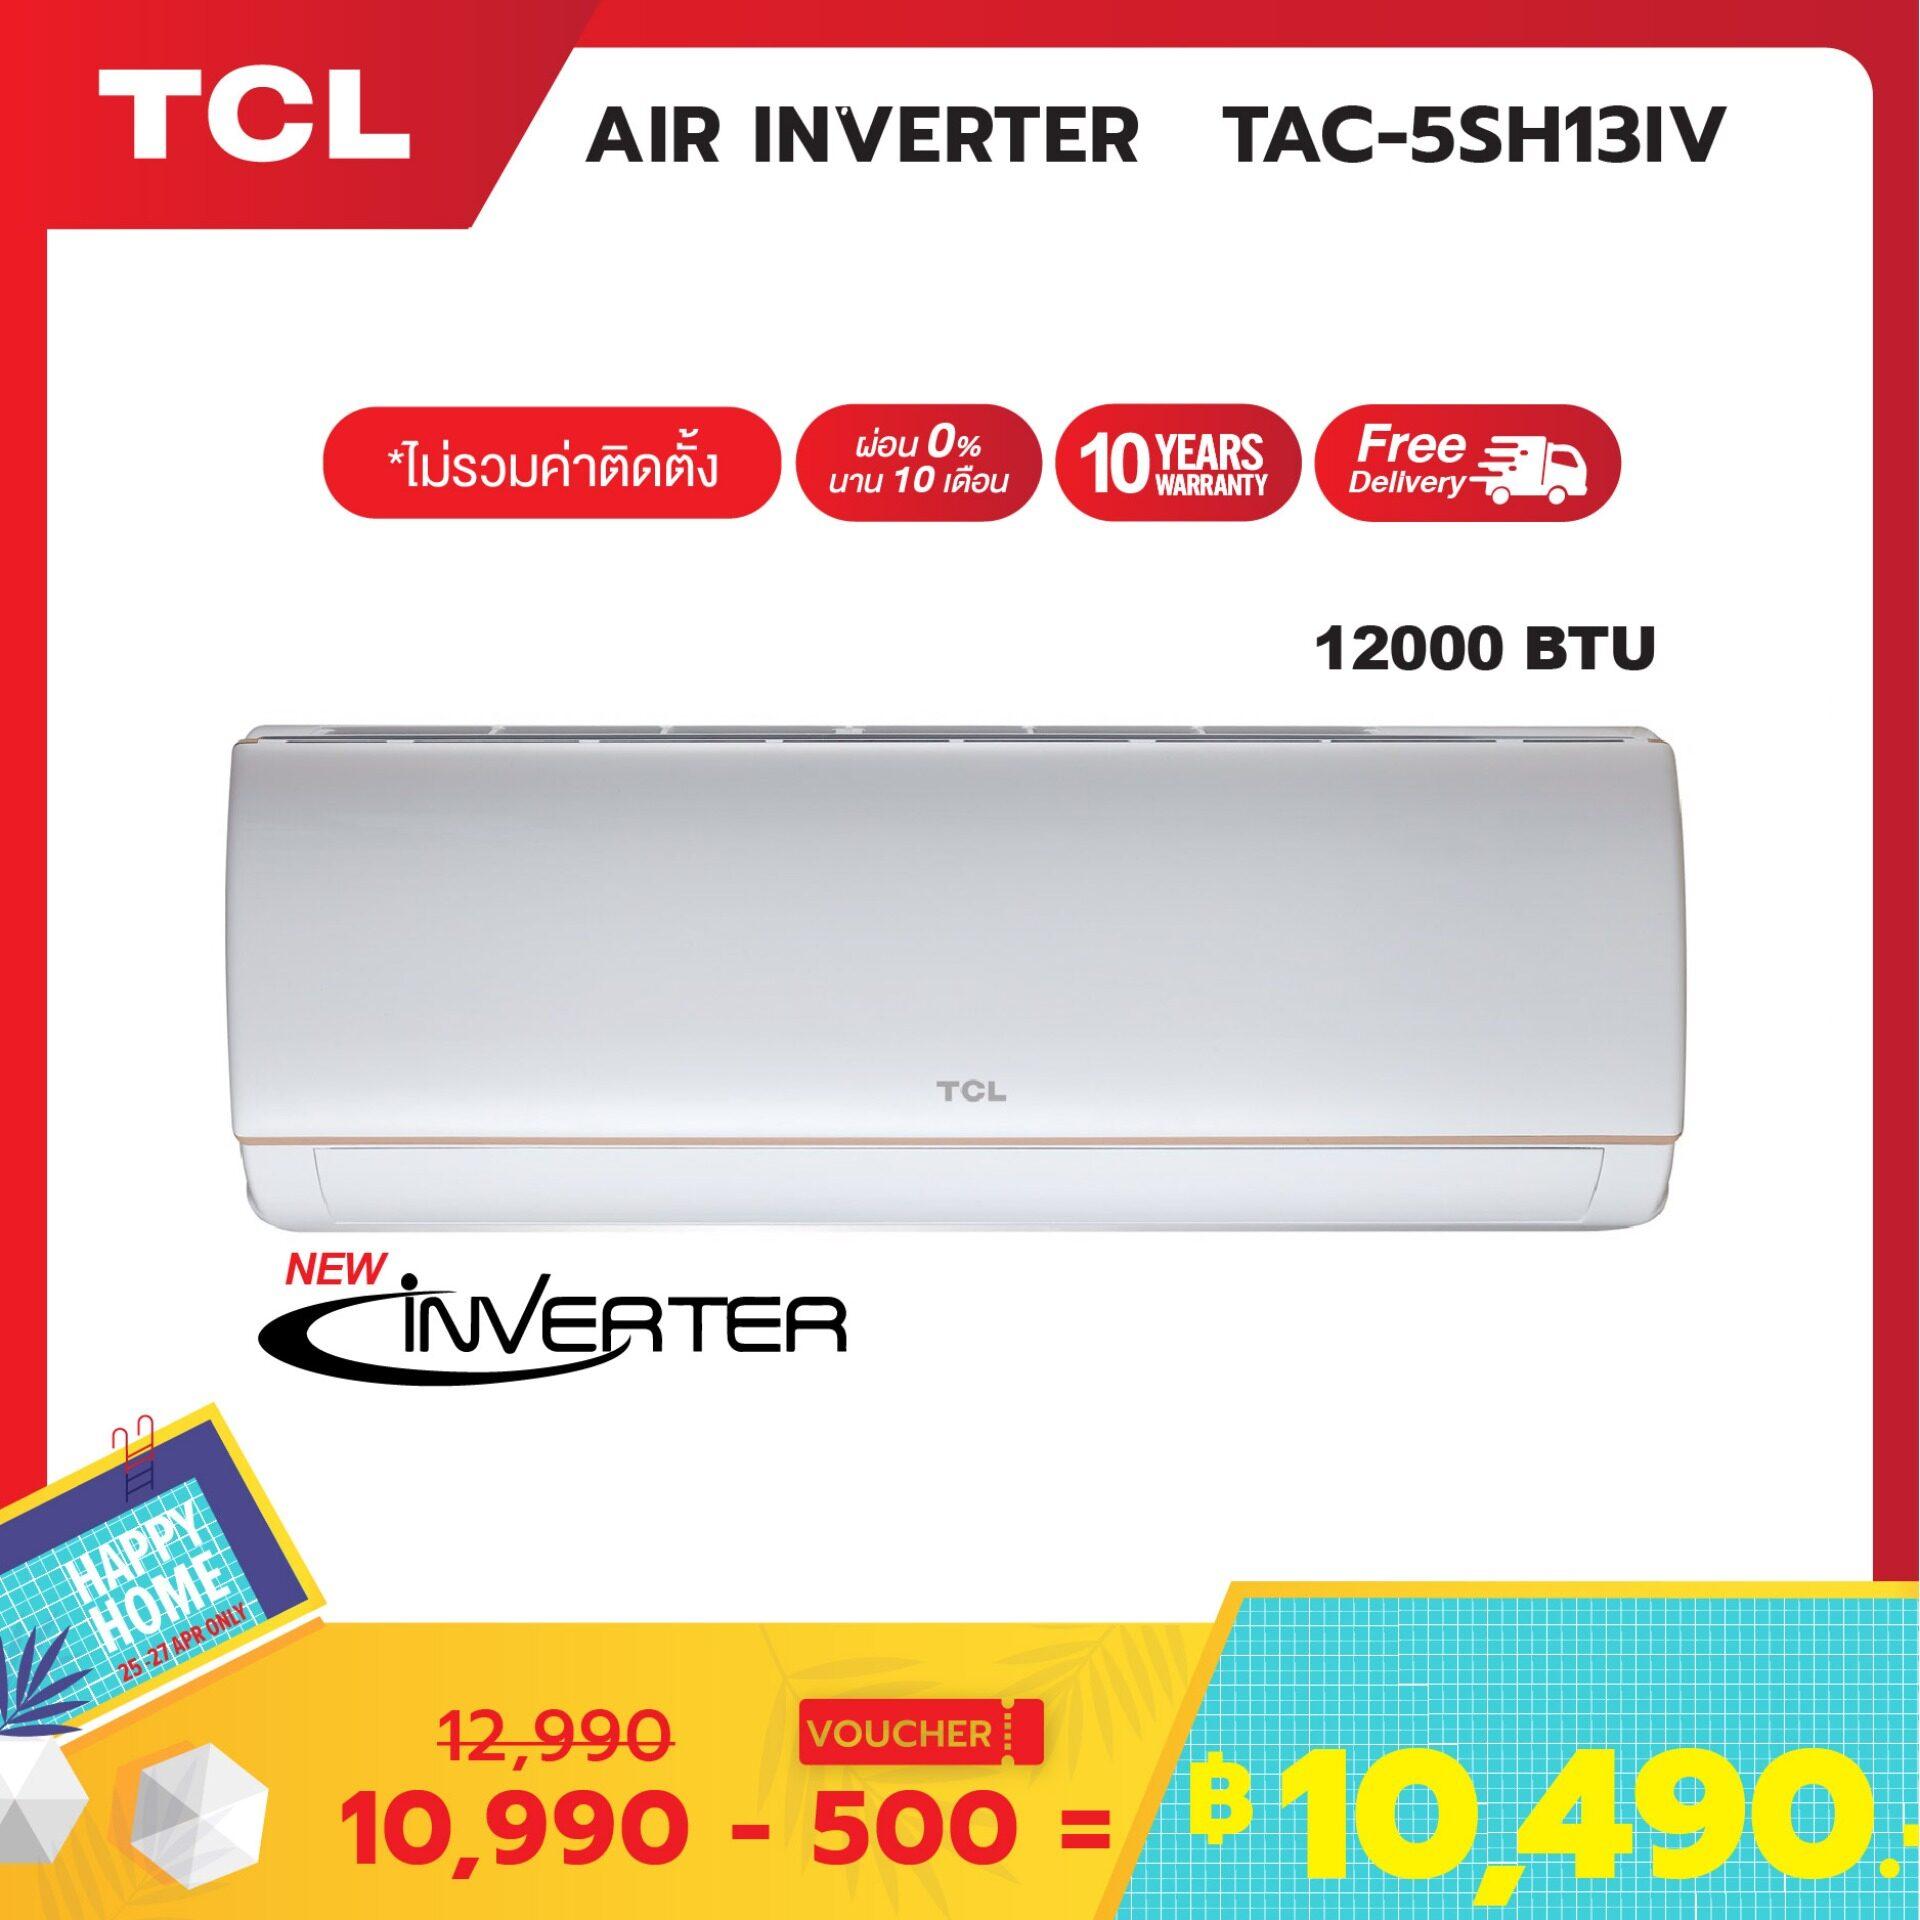 แอร์เงียบ เย็นจัด ประหยัดดี ต้องแอร์ Tcl Inverter R32 2019 12000 Btu Tac-5sh13iv(ser 18.5/5☆)(ไม่รวมค่าติดตั้ง).